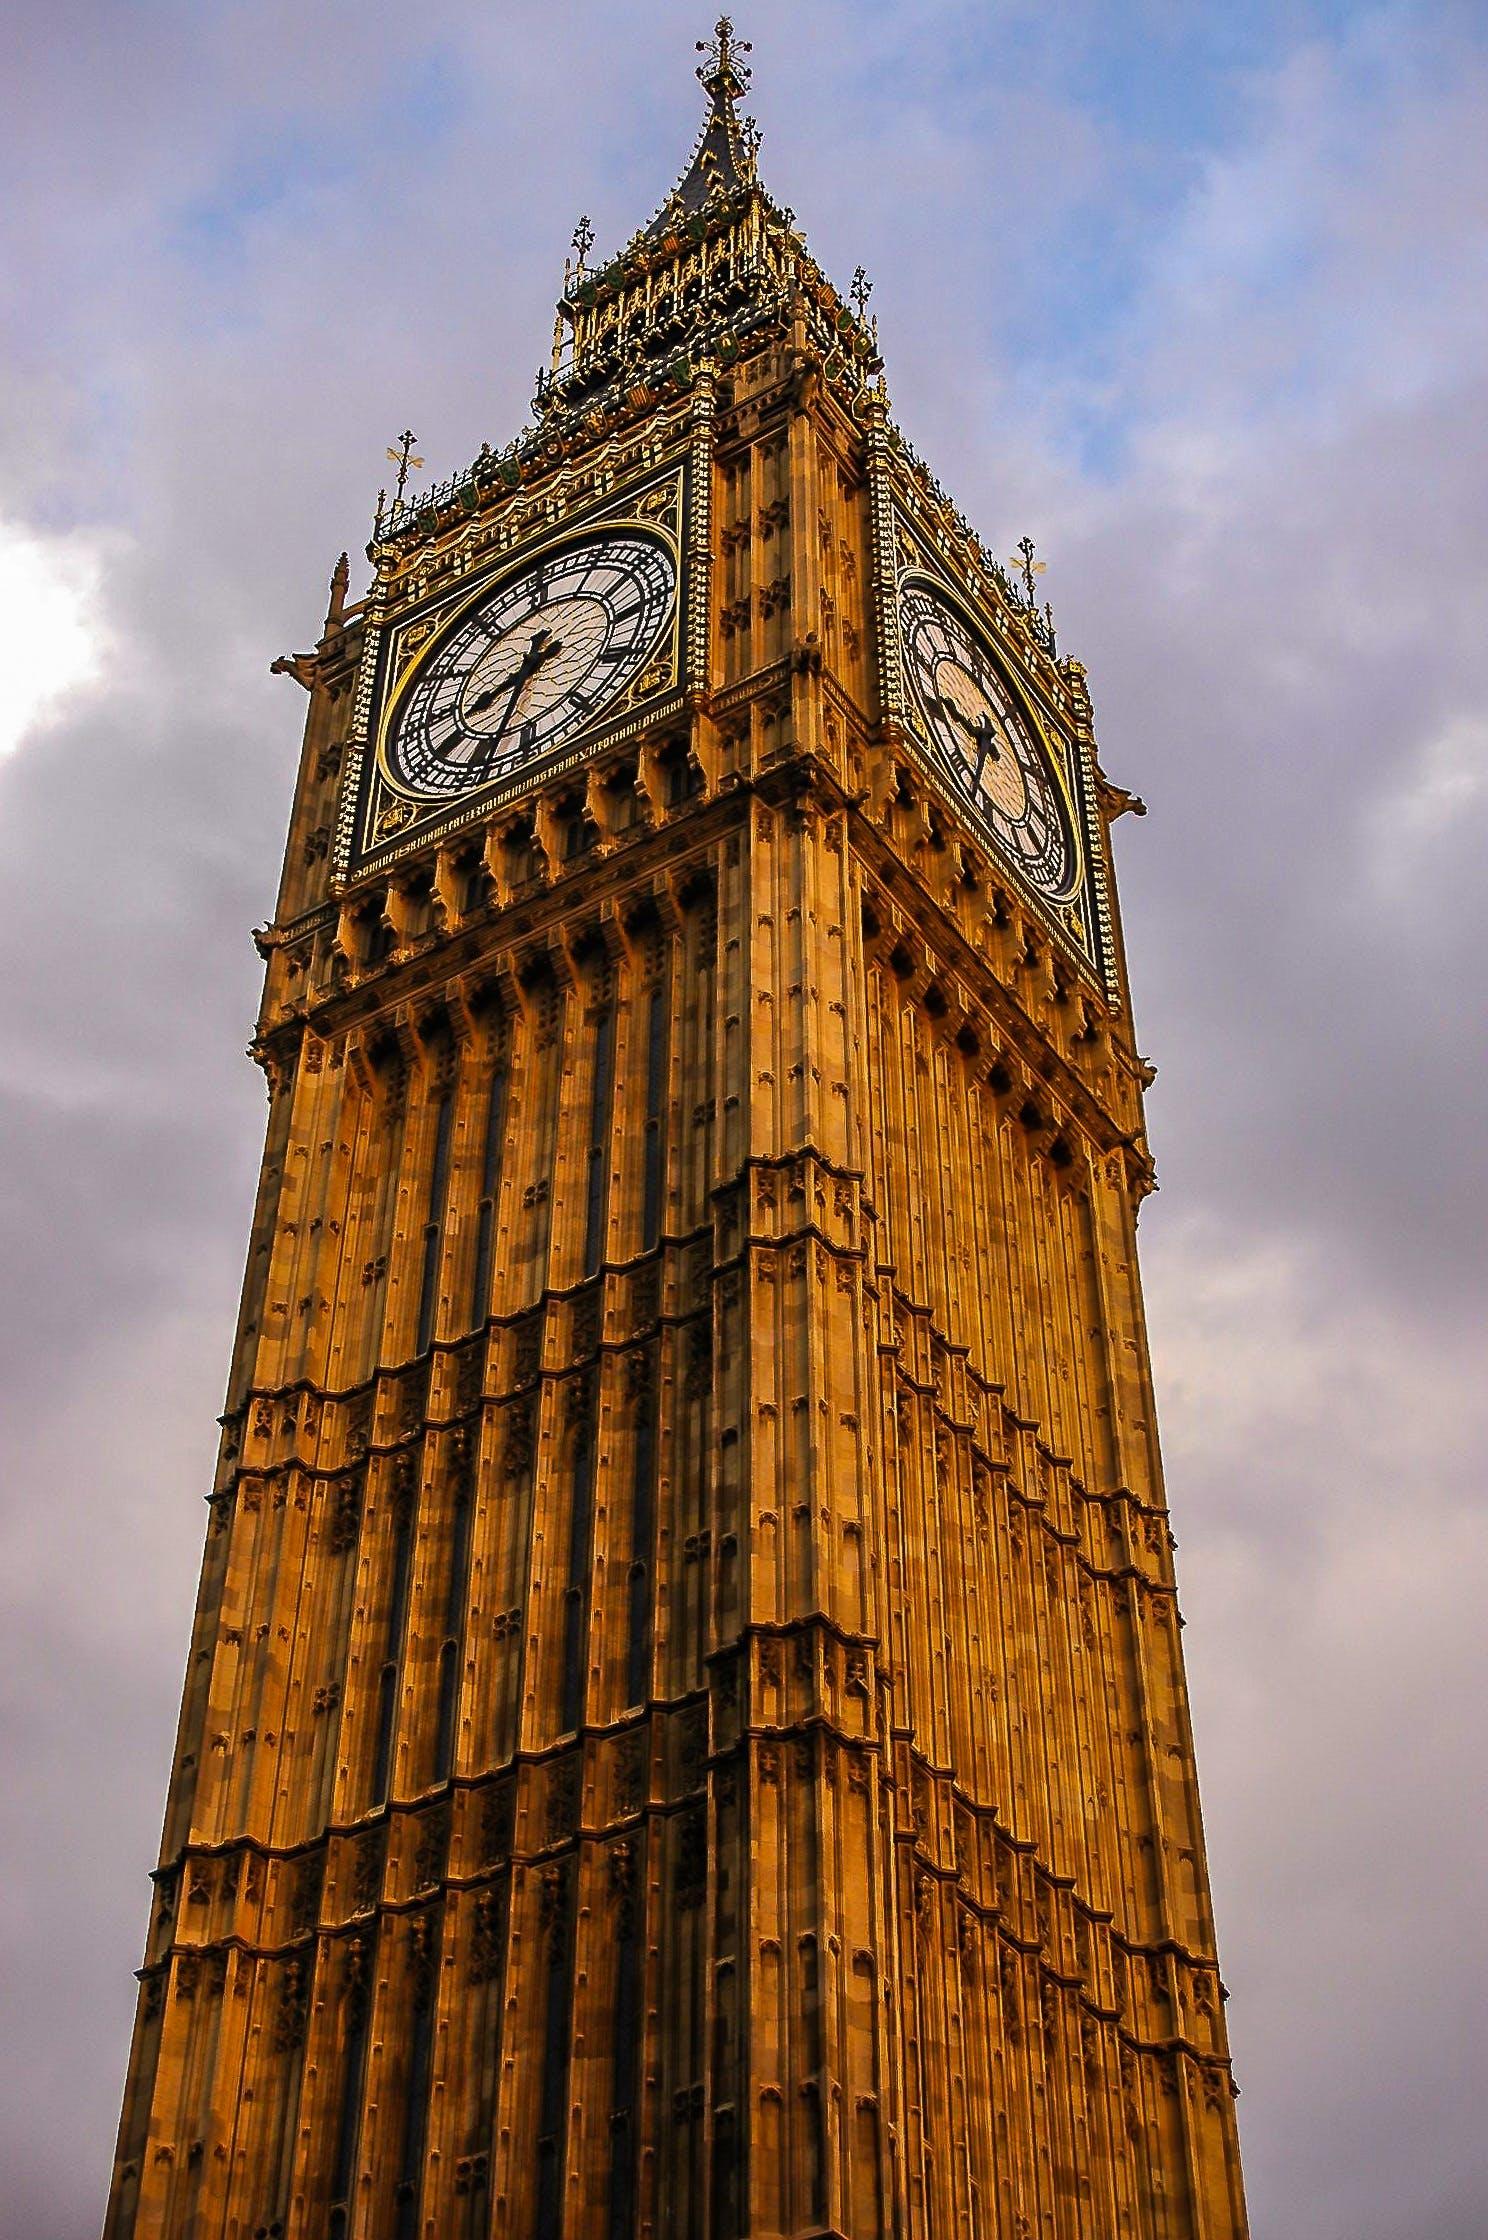 Základová fotografie zdarma na téma Anglie, architektura, atrakce, Big Ben